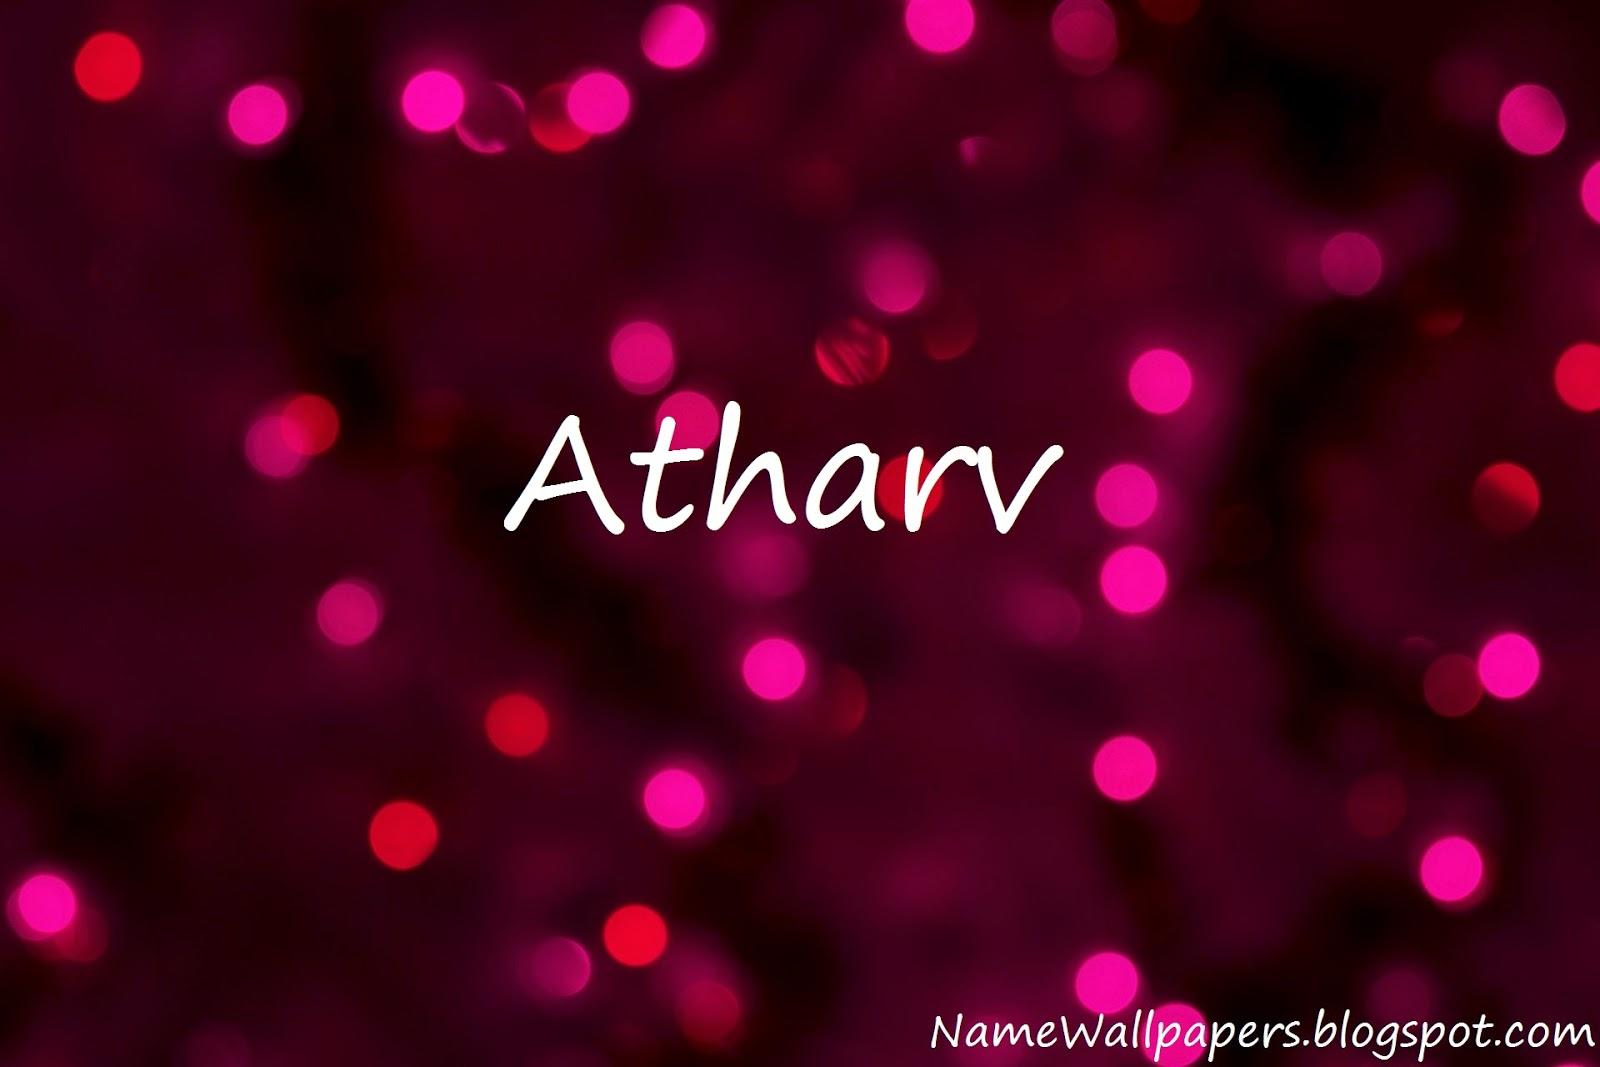 Atharv Name Wallpapers Atharv ~ Name Wallpaper Urdu Name ...